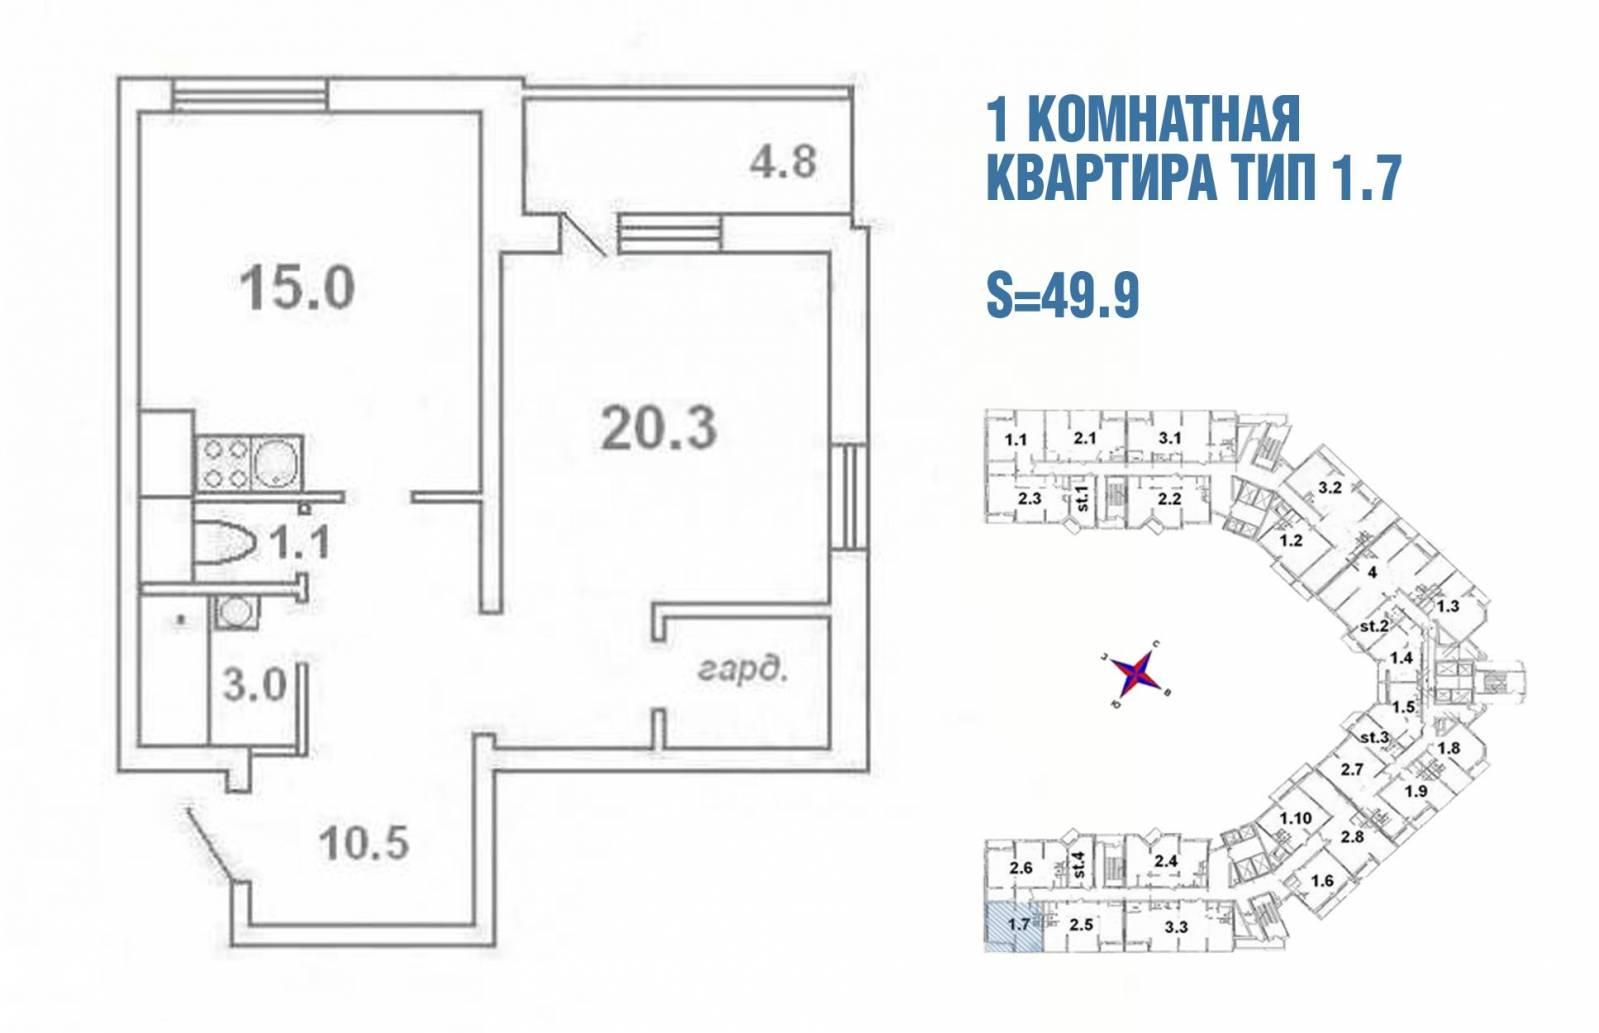 1 комнатная квартира тип 1.7 - 49,9 кв.м.